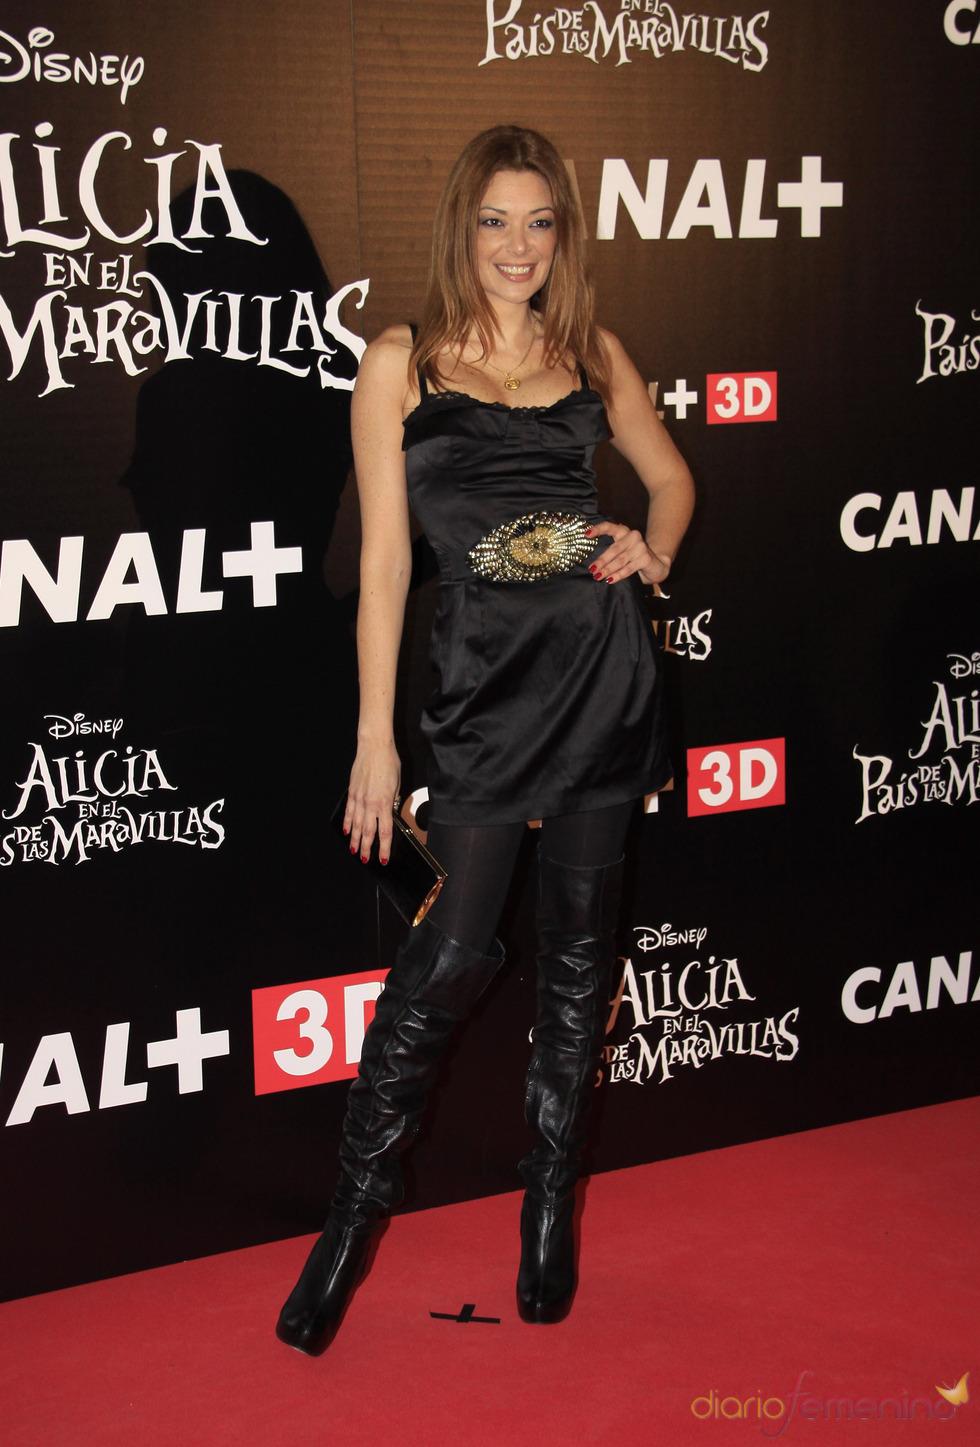 Lucía Hoyos en el estreno de 'Alicia en el país de las maravillas'